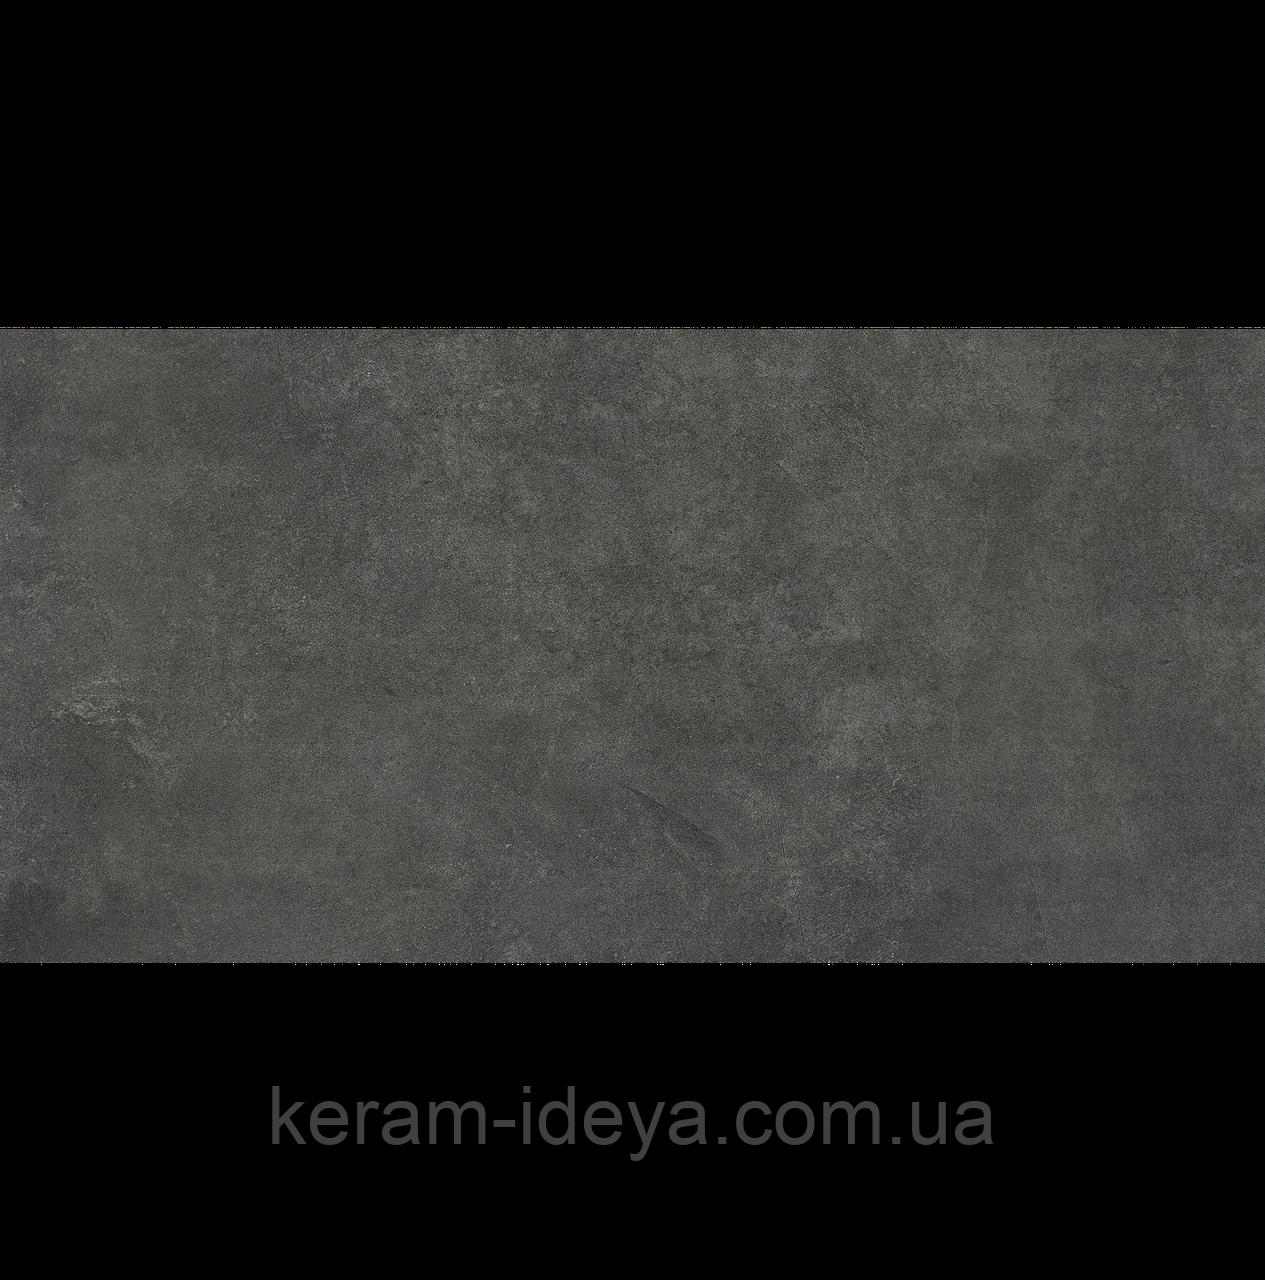 Плитка для пола Stargres Qubus Antracite 31x62